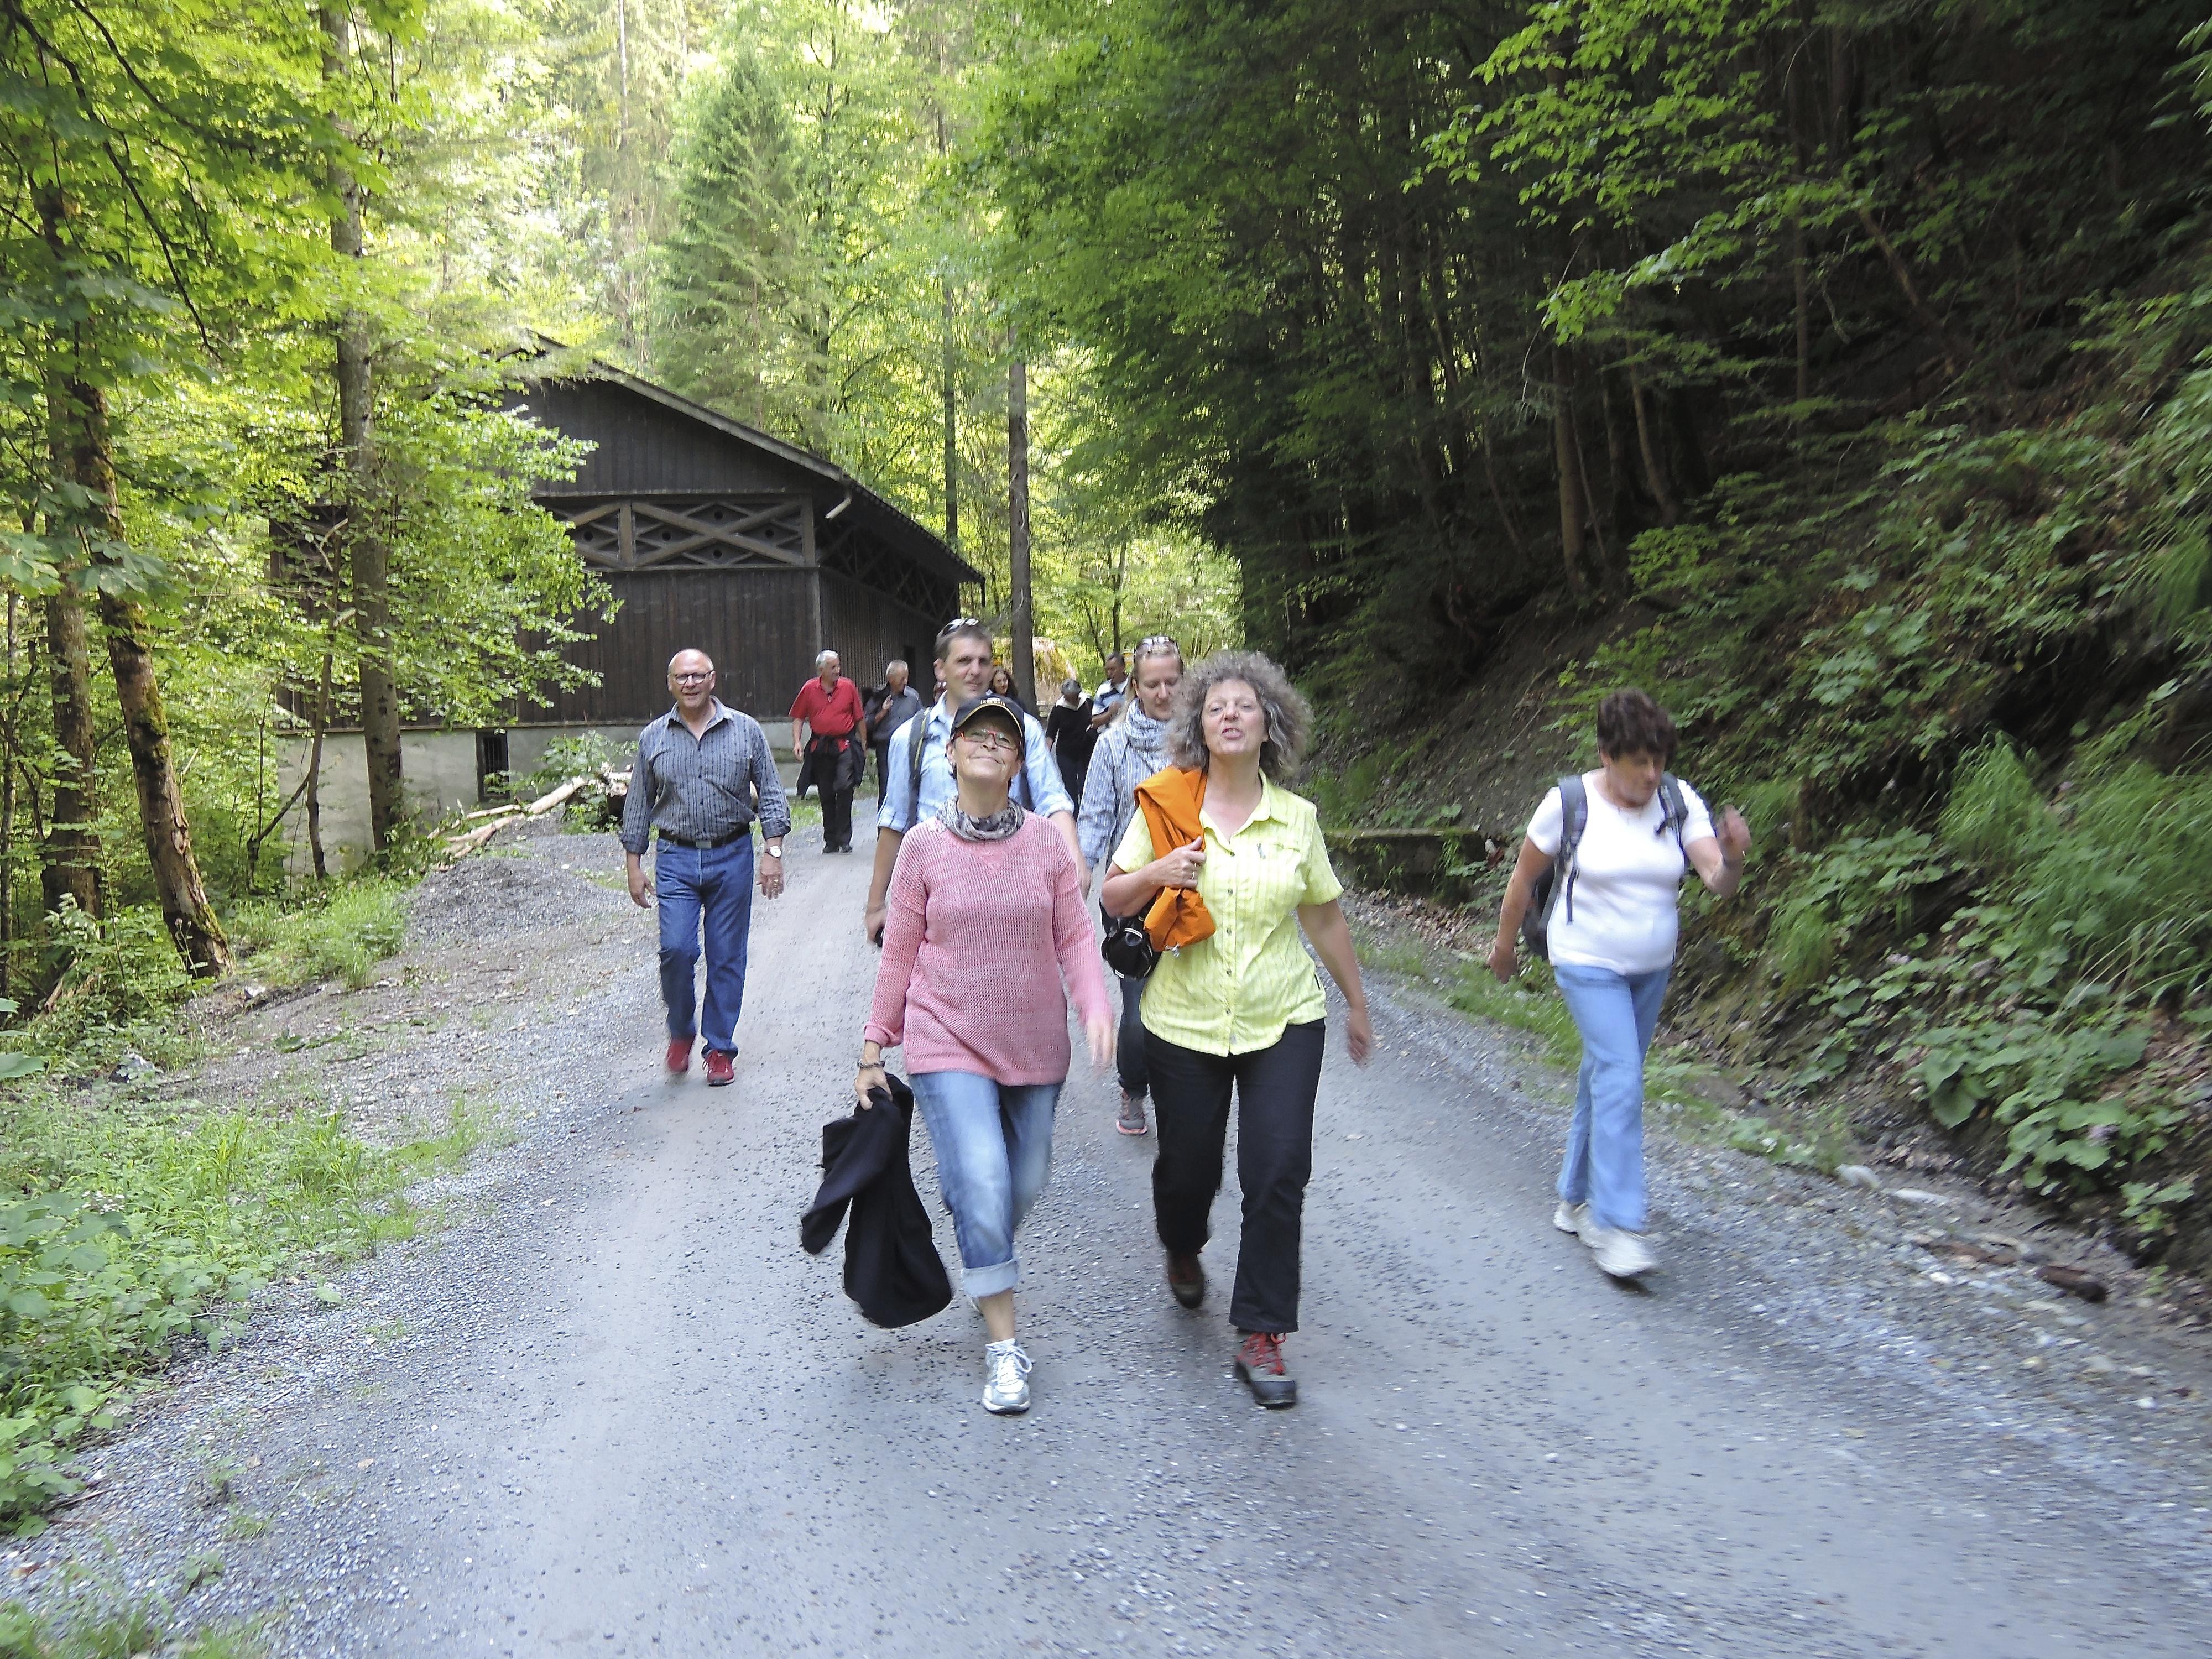 Jodlerreise mit Pontonierfahrverein Worblaufen 2014 (1)